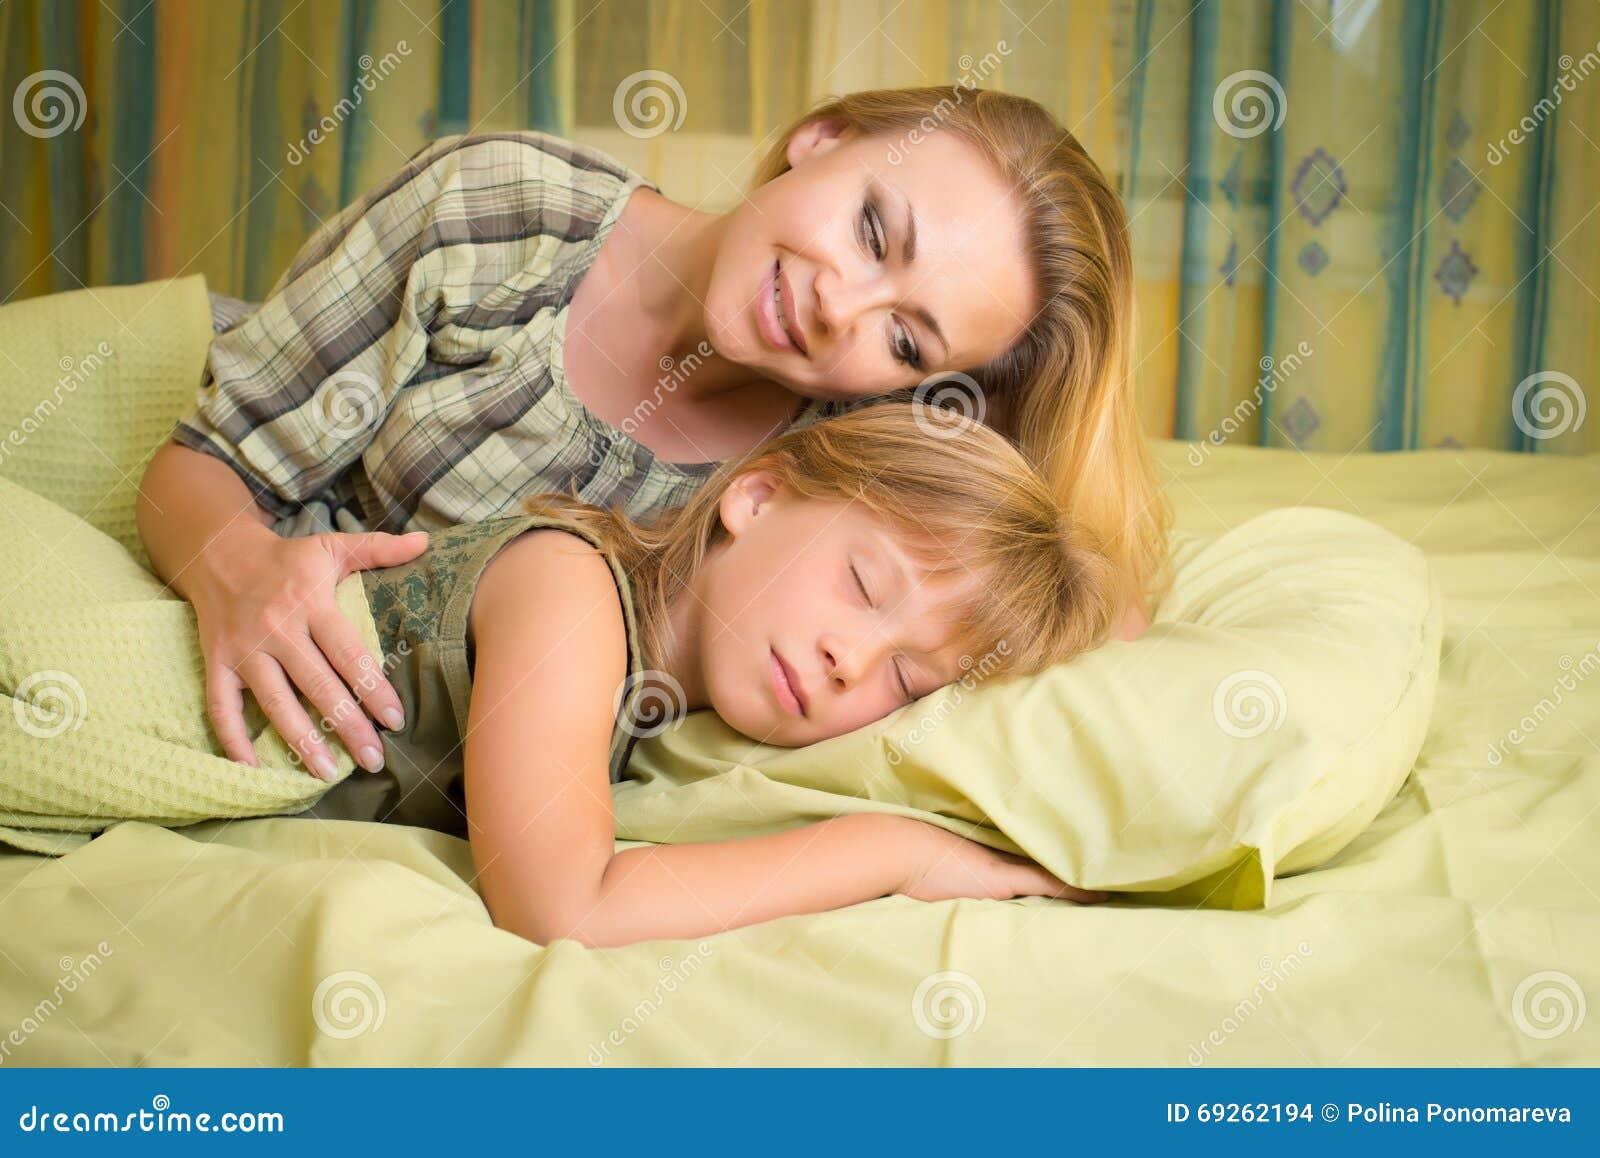 Сын трахнул спящую мать в рот, Похотливый сын поимел спящую маму в рот и пизду 22 фотография